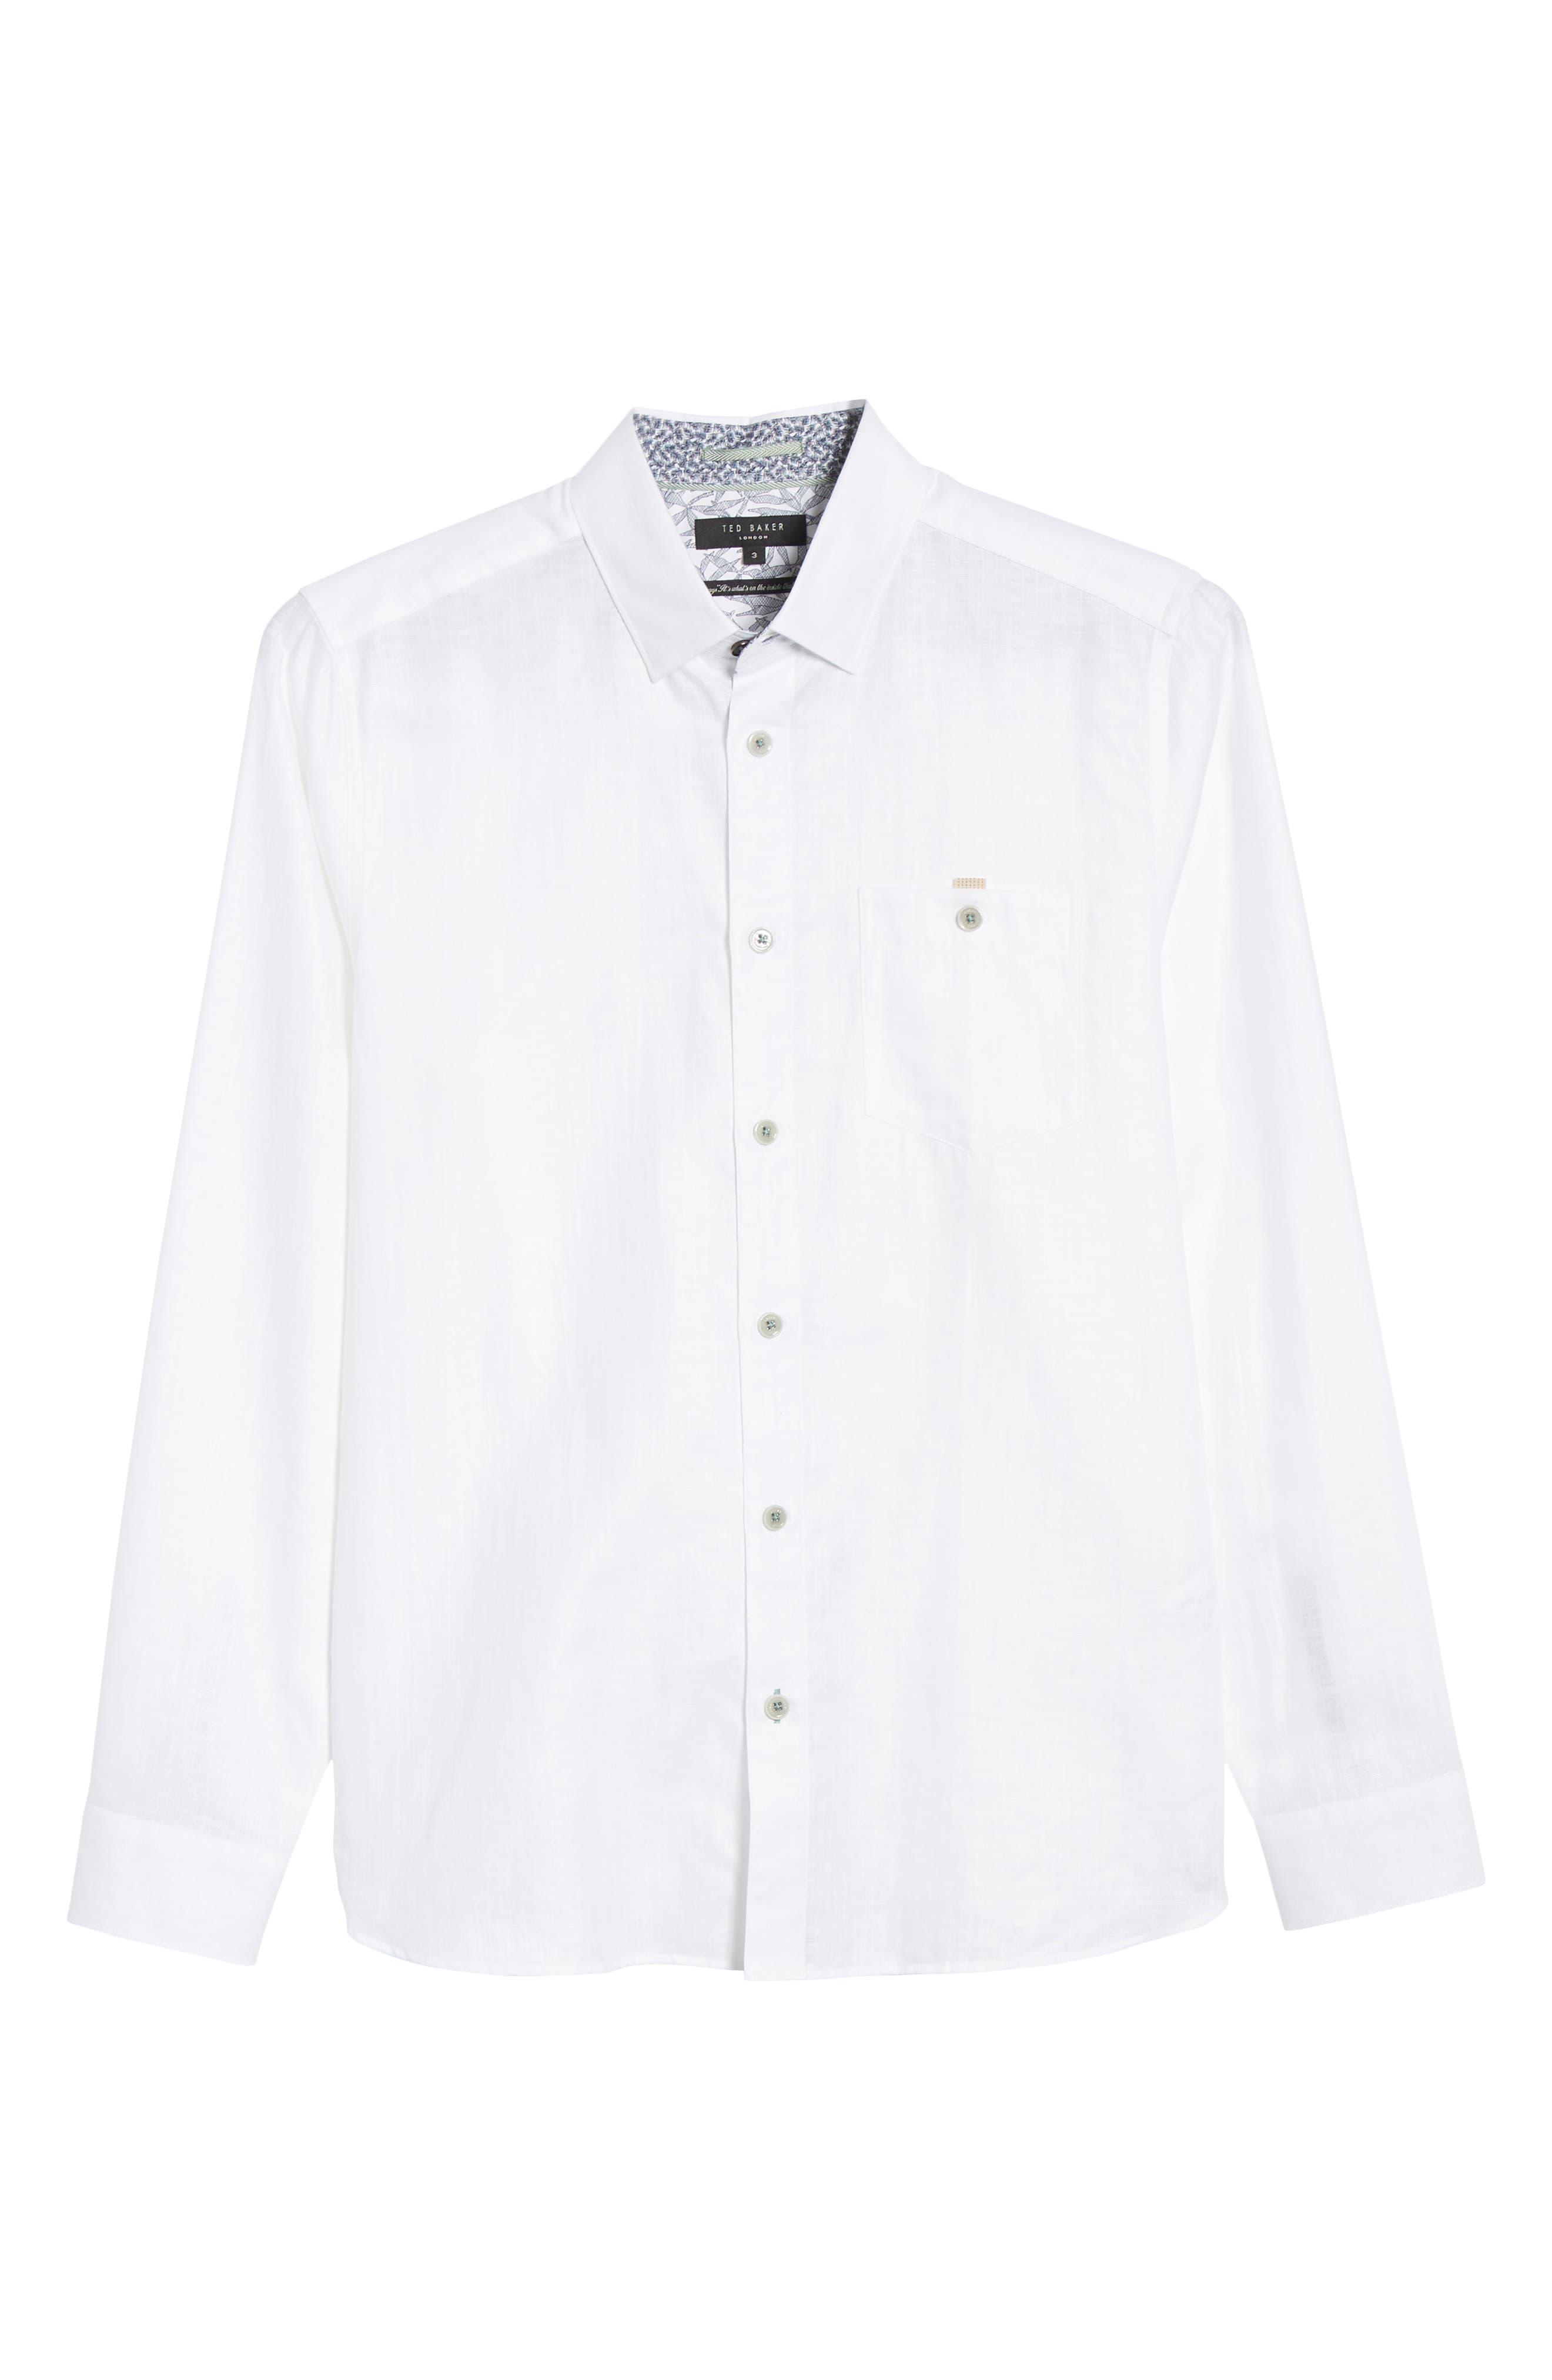 TED BAKER LONDON, Emuu Slim Fit Linen Shirt, Alternate thumbnail 6, color, WHITE